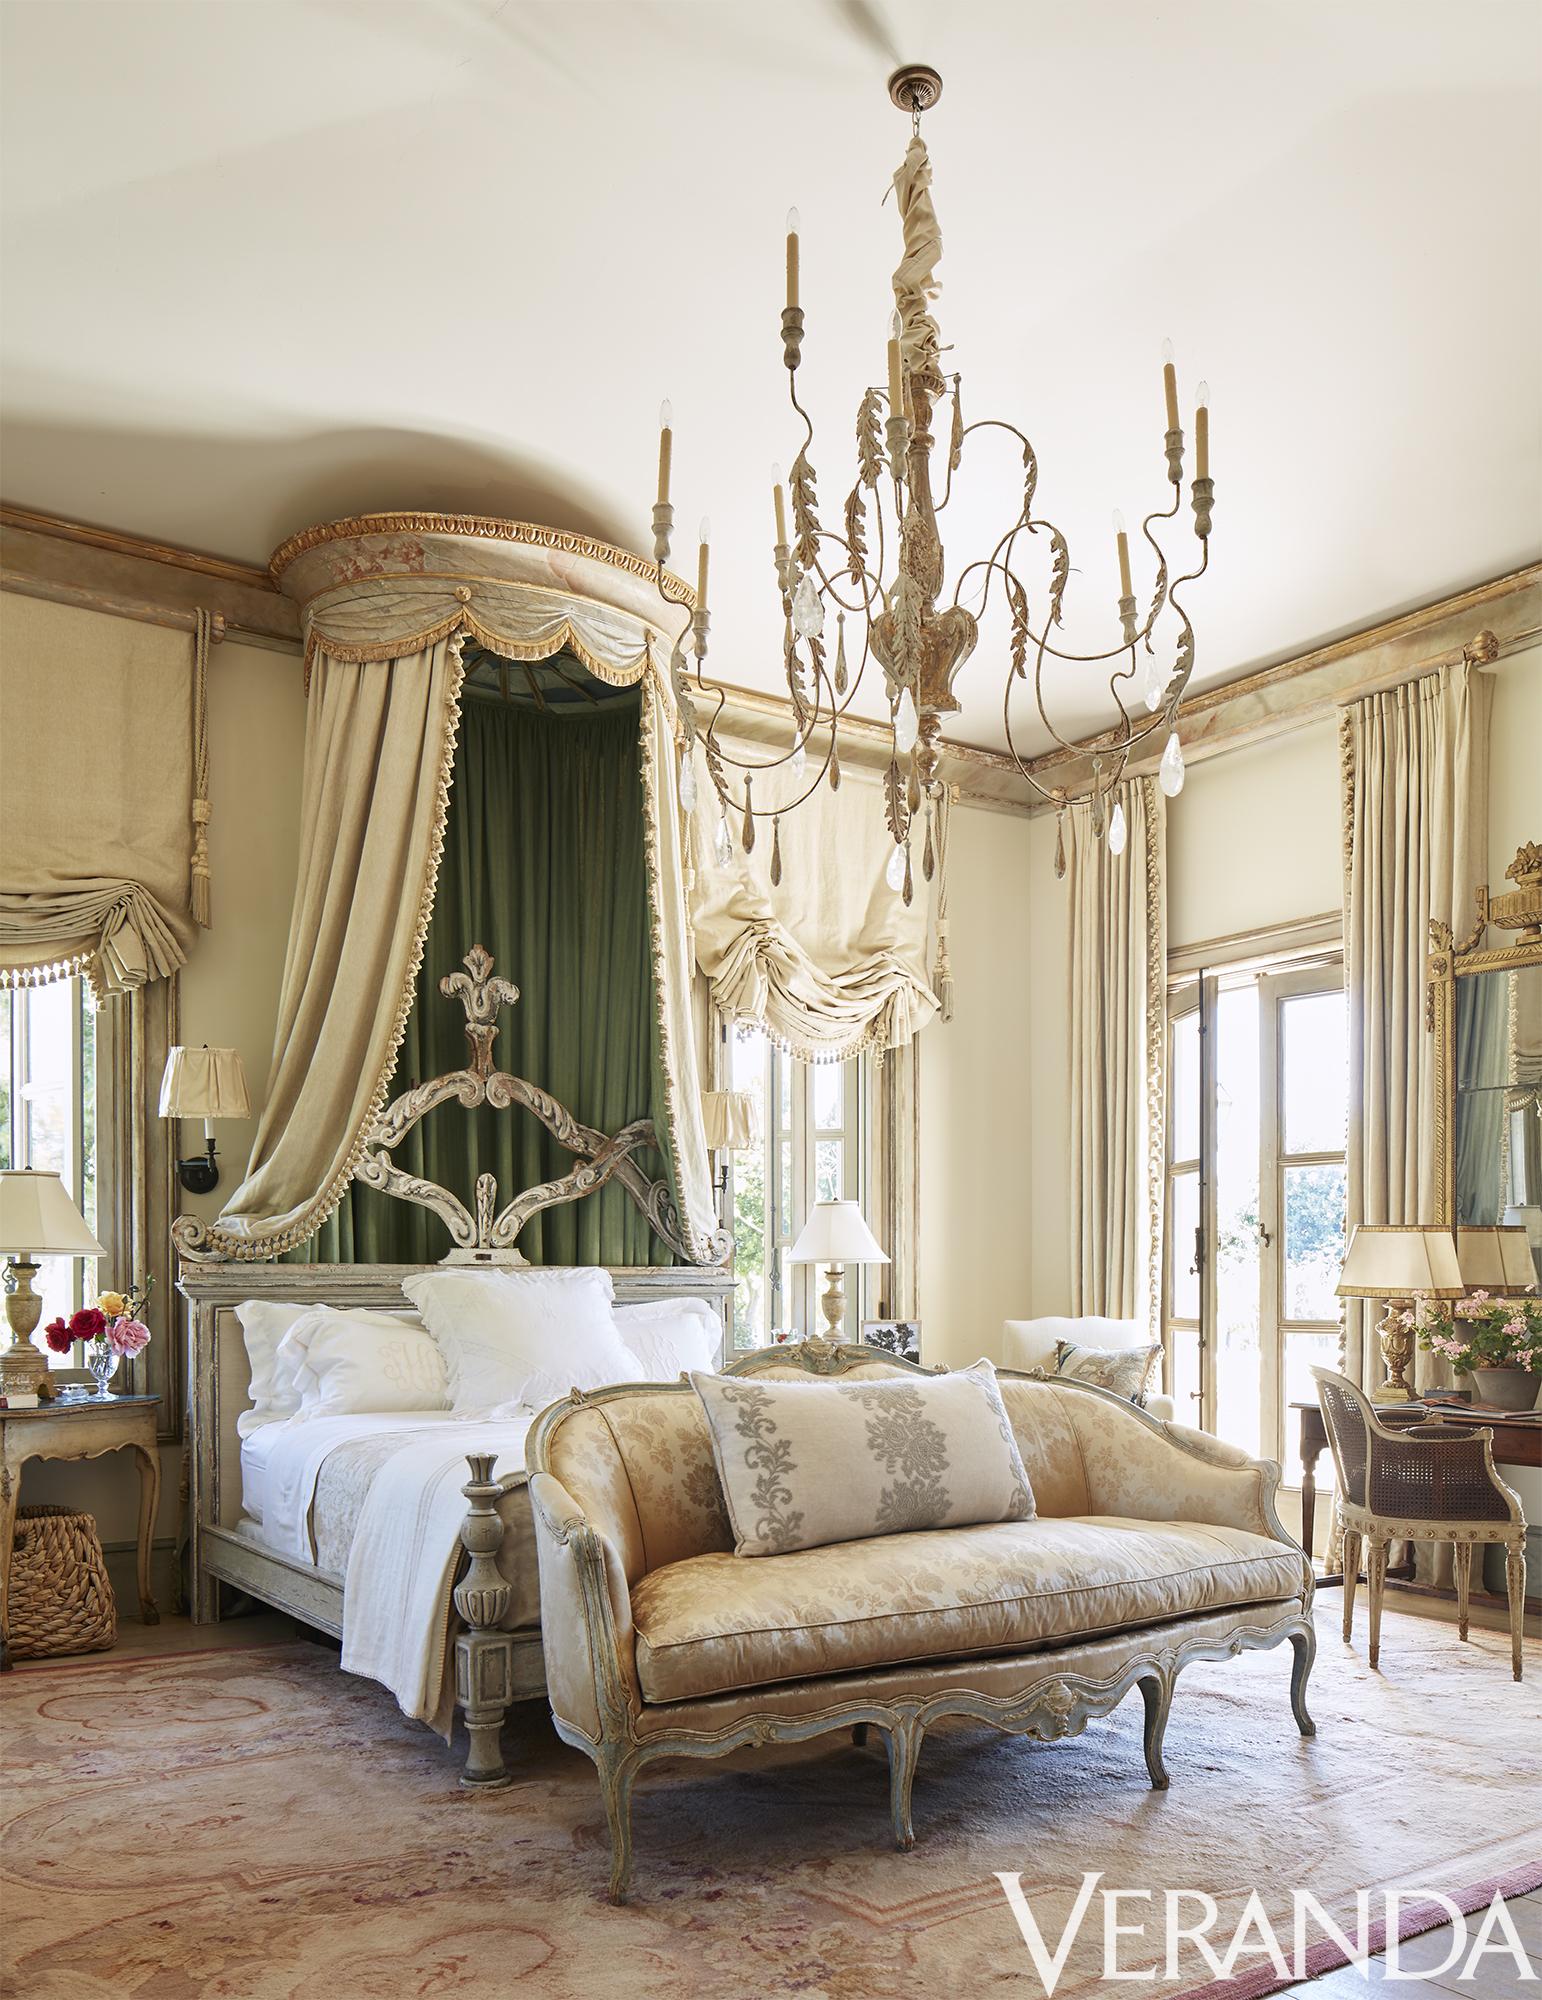 30 Best Bedroom Ideas - Beautiful Bedroom Decor ... on Beautiful Room Decoration  id=86231